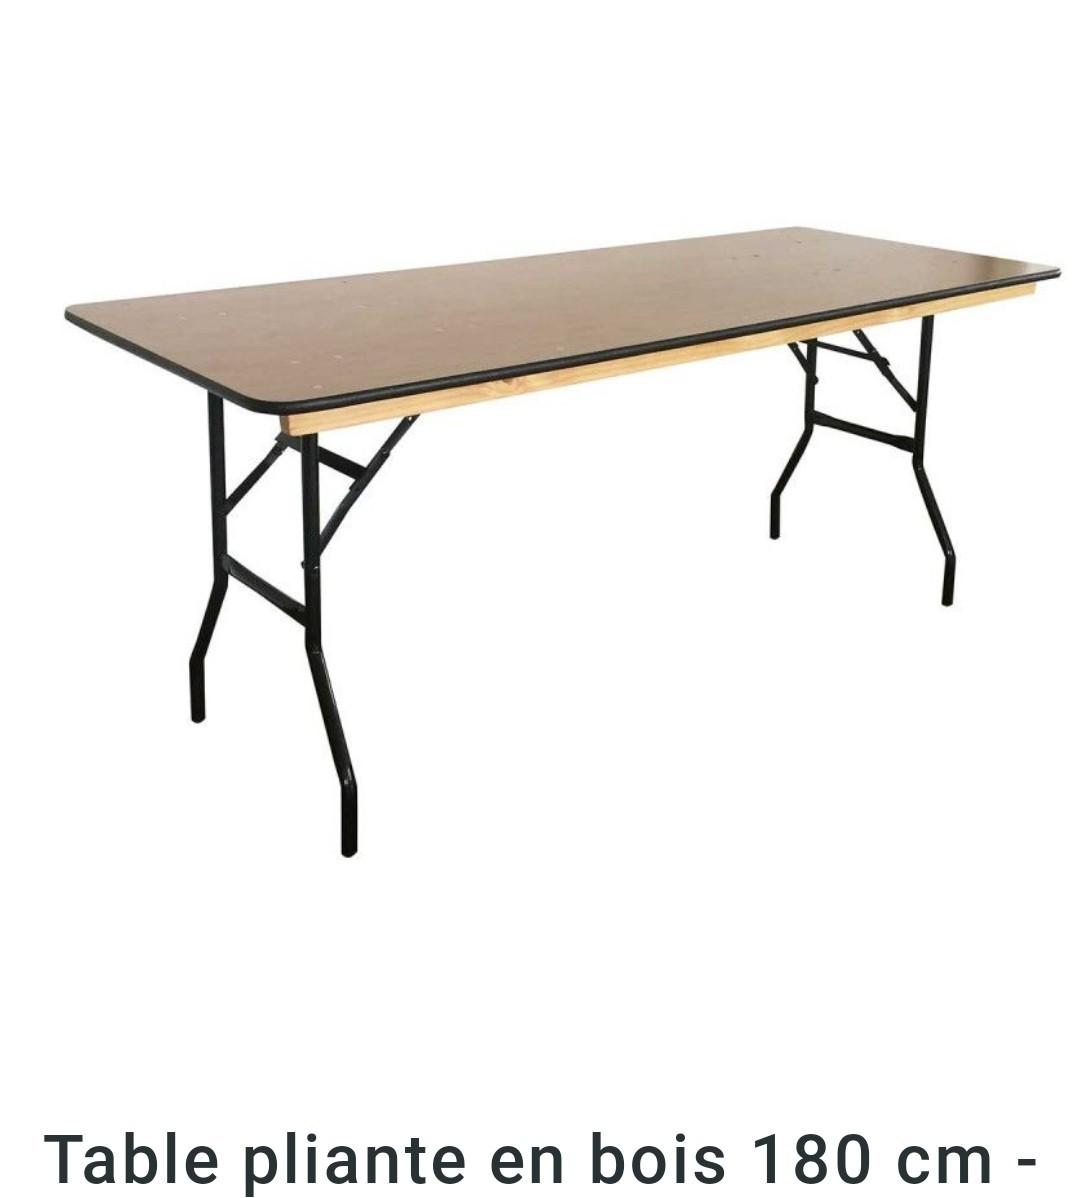 Table rectangle bois 180* 76cm 8 personnes pro